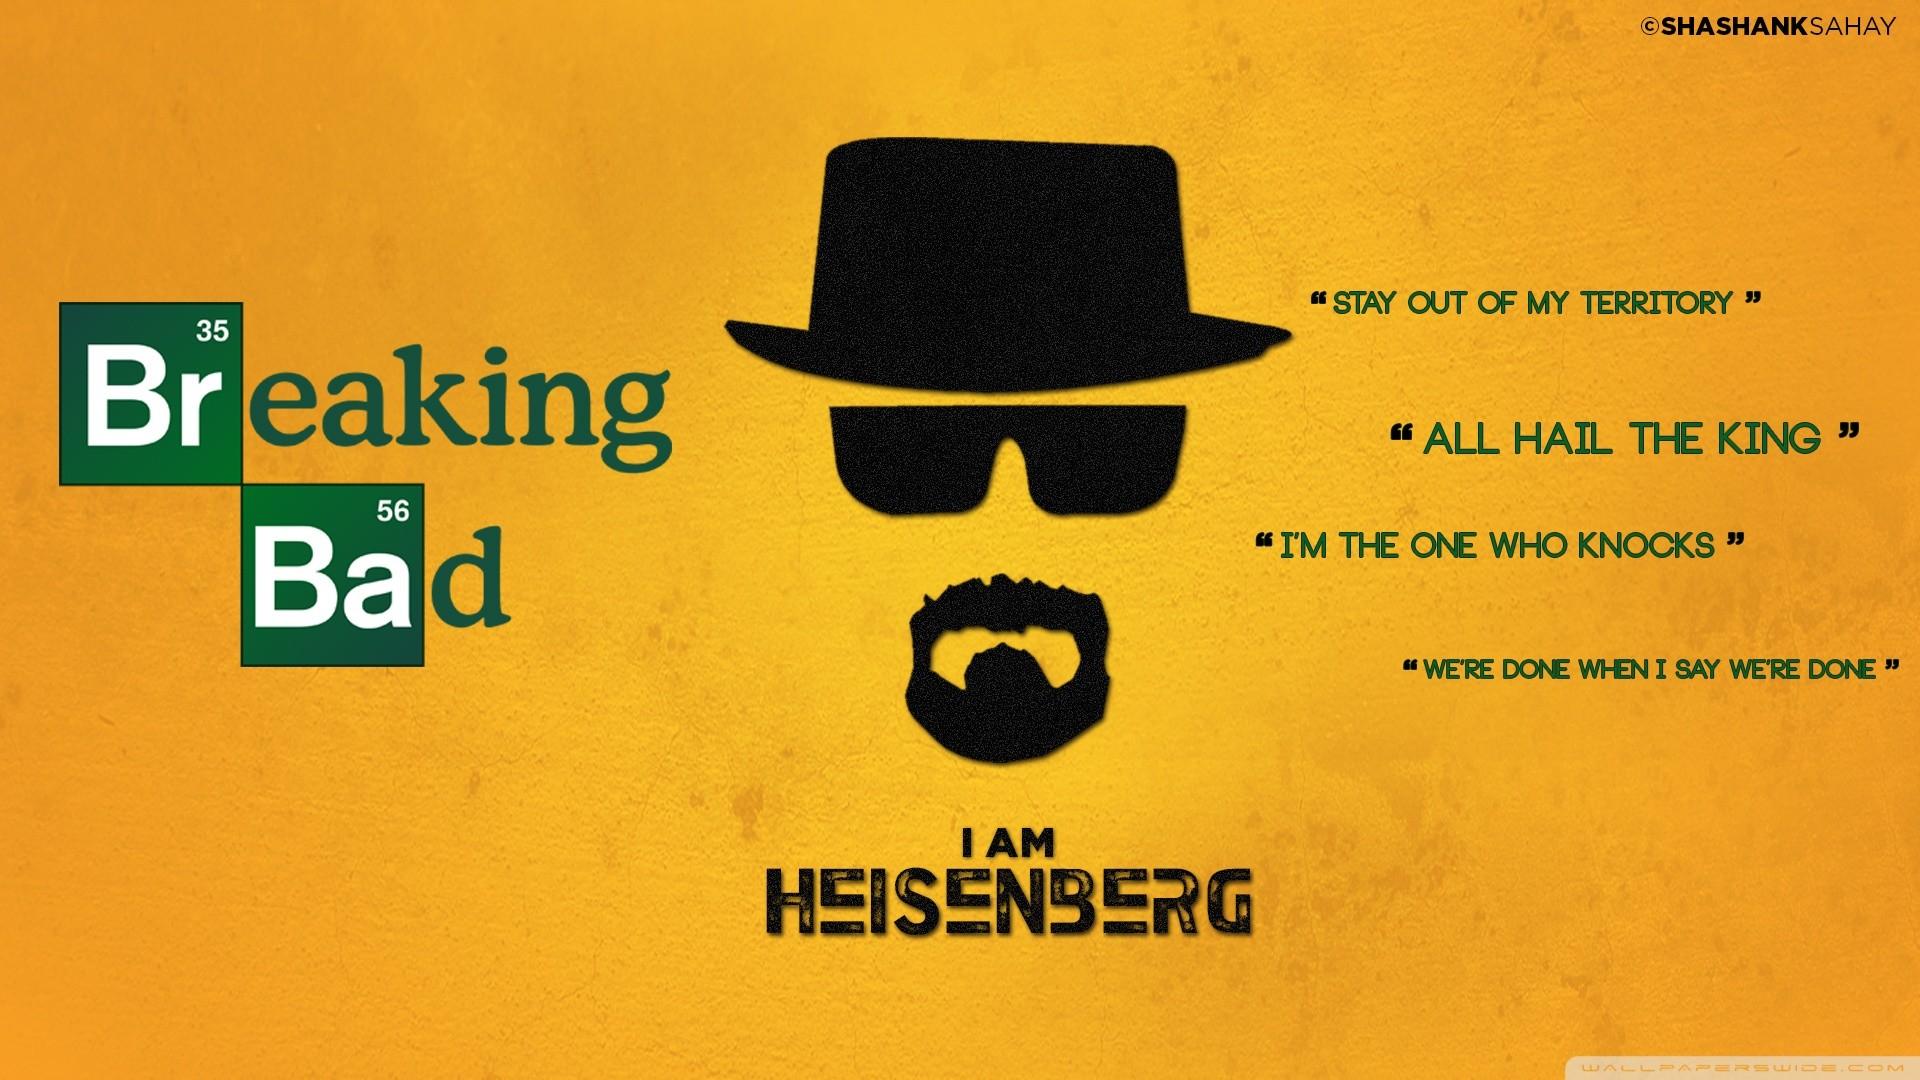 All Hail King Breaking Bad Wallpaper